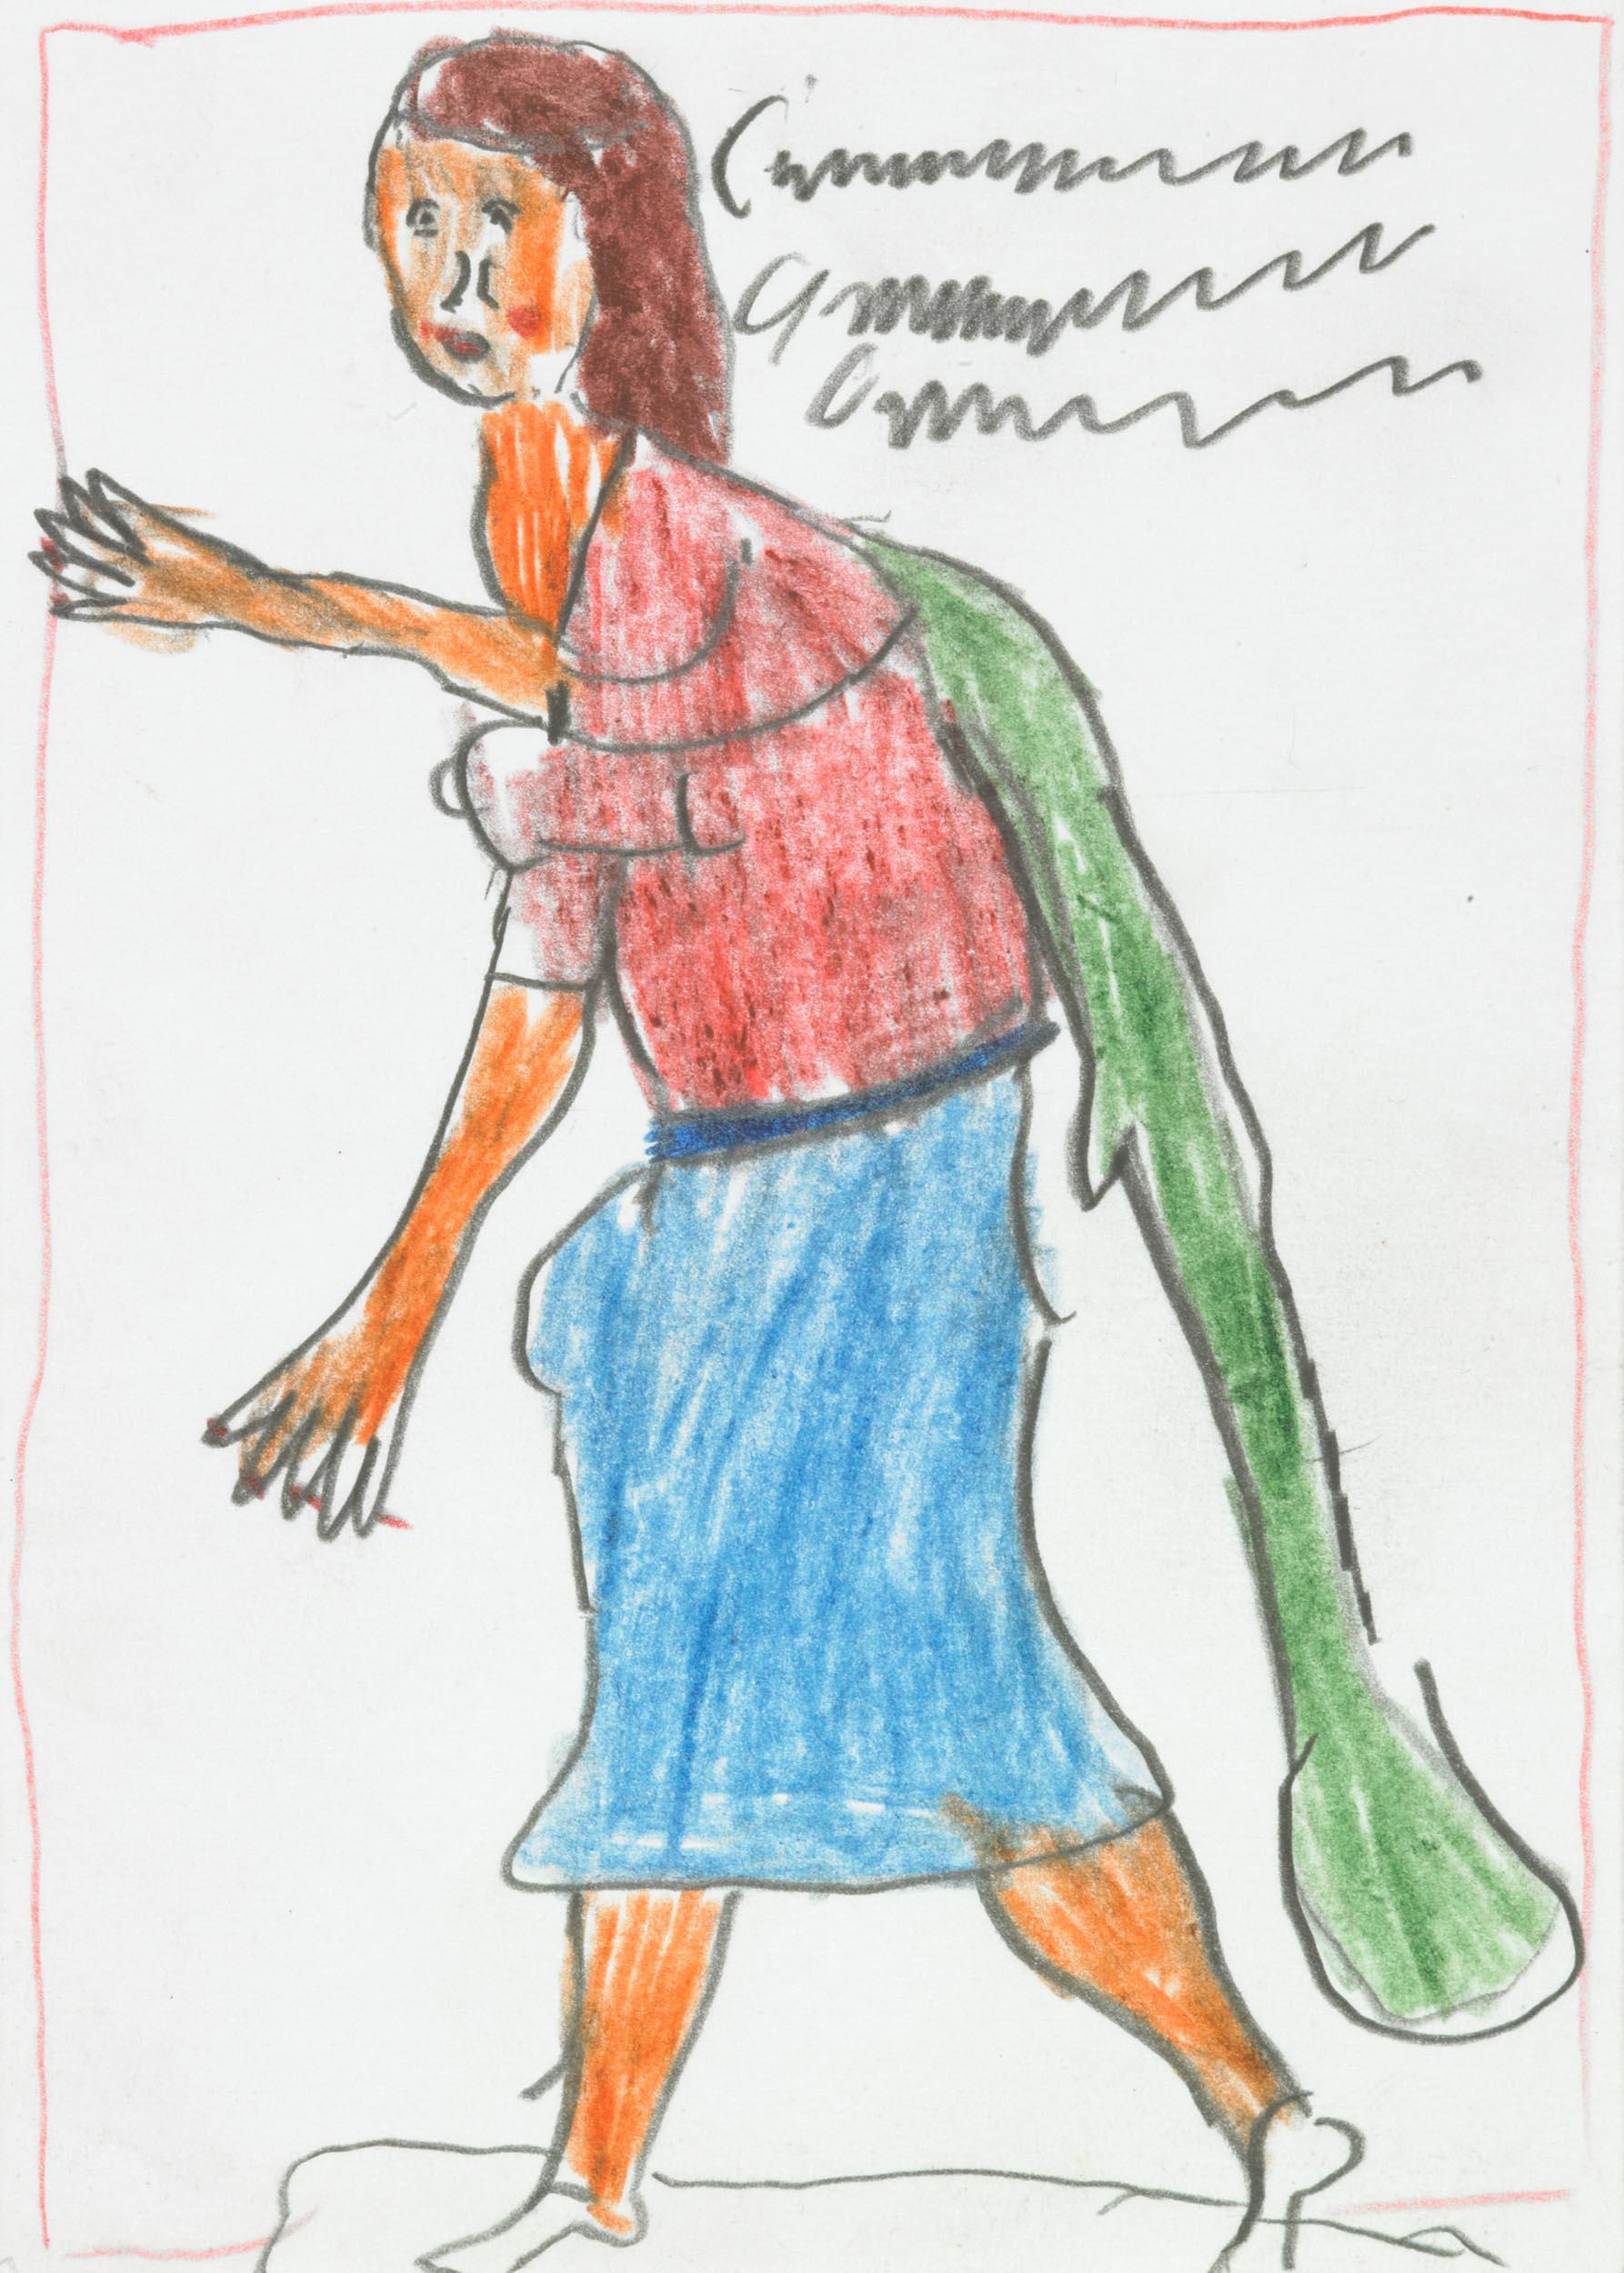 kamlander franz - frau / woman